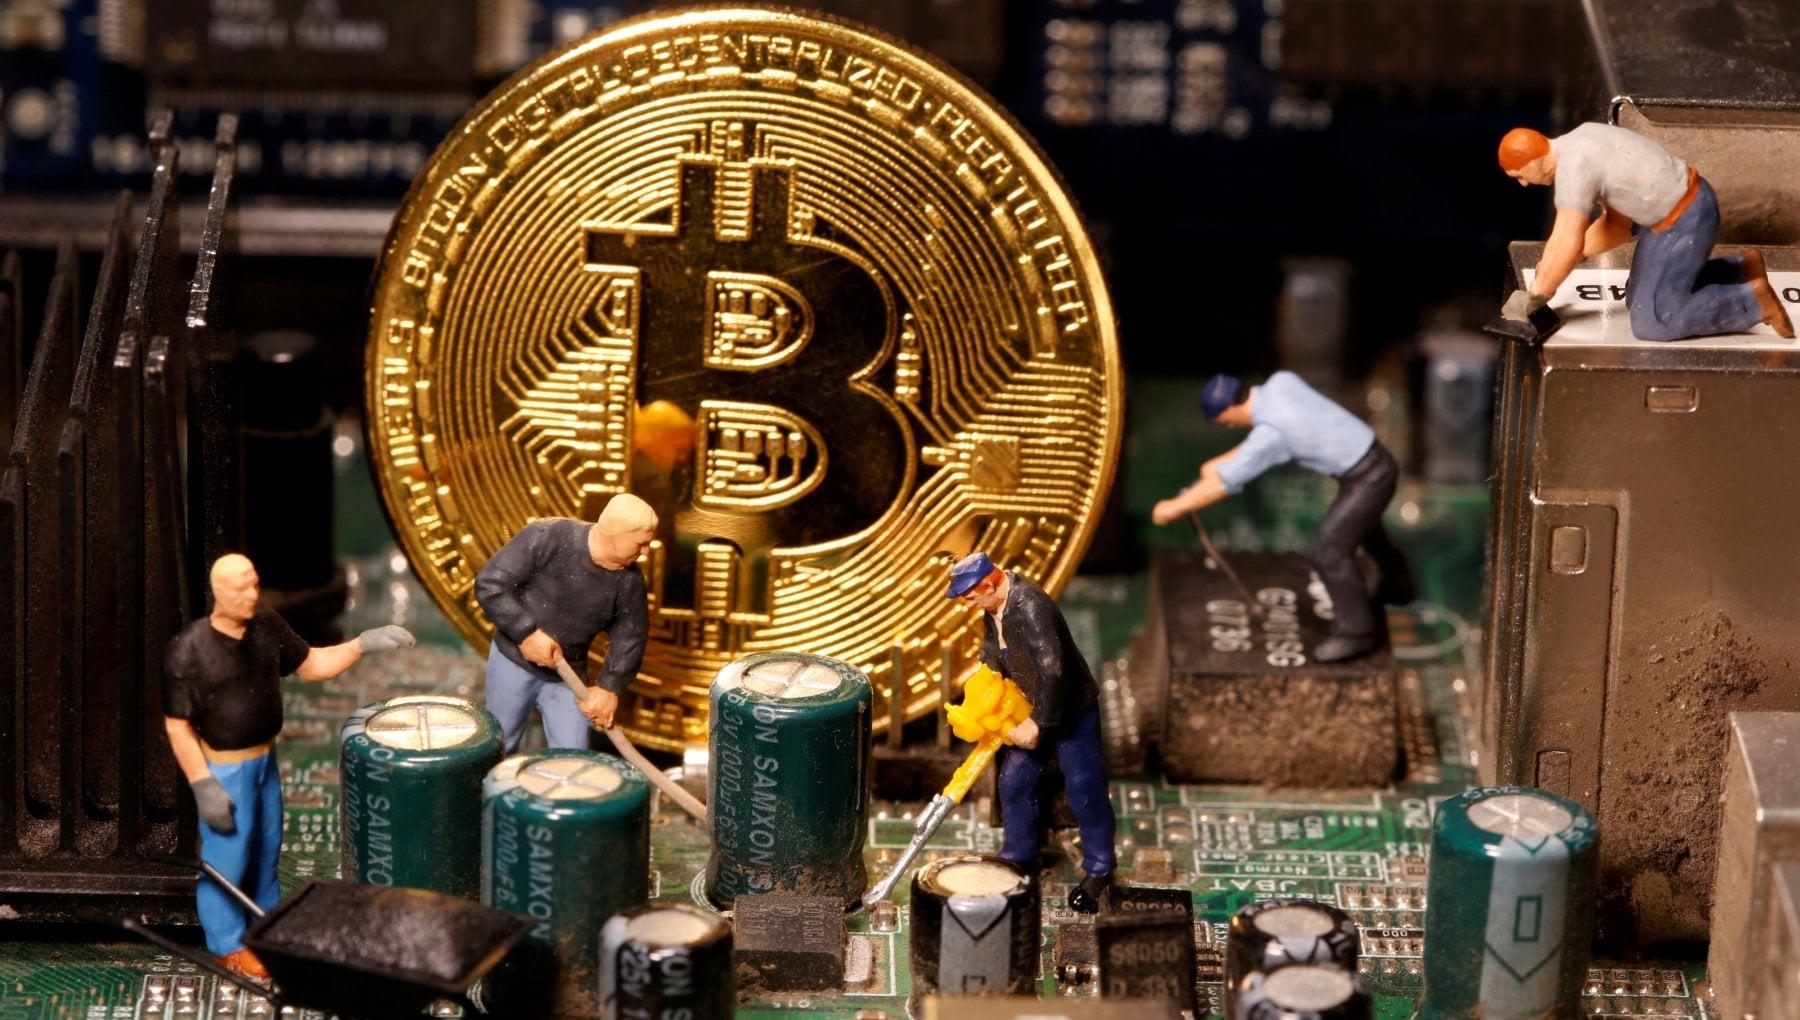 Usa dimentica la password e rischia di perdere 220 milioni di dollari in Bitcoin